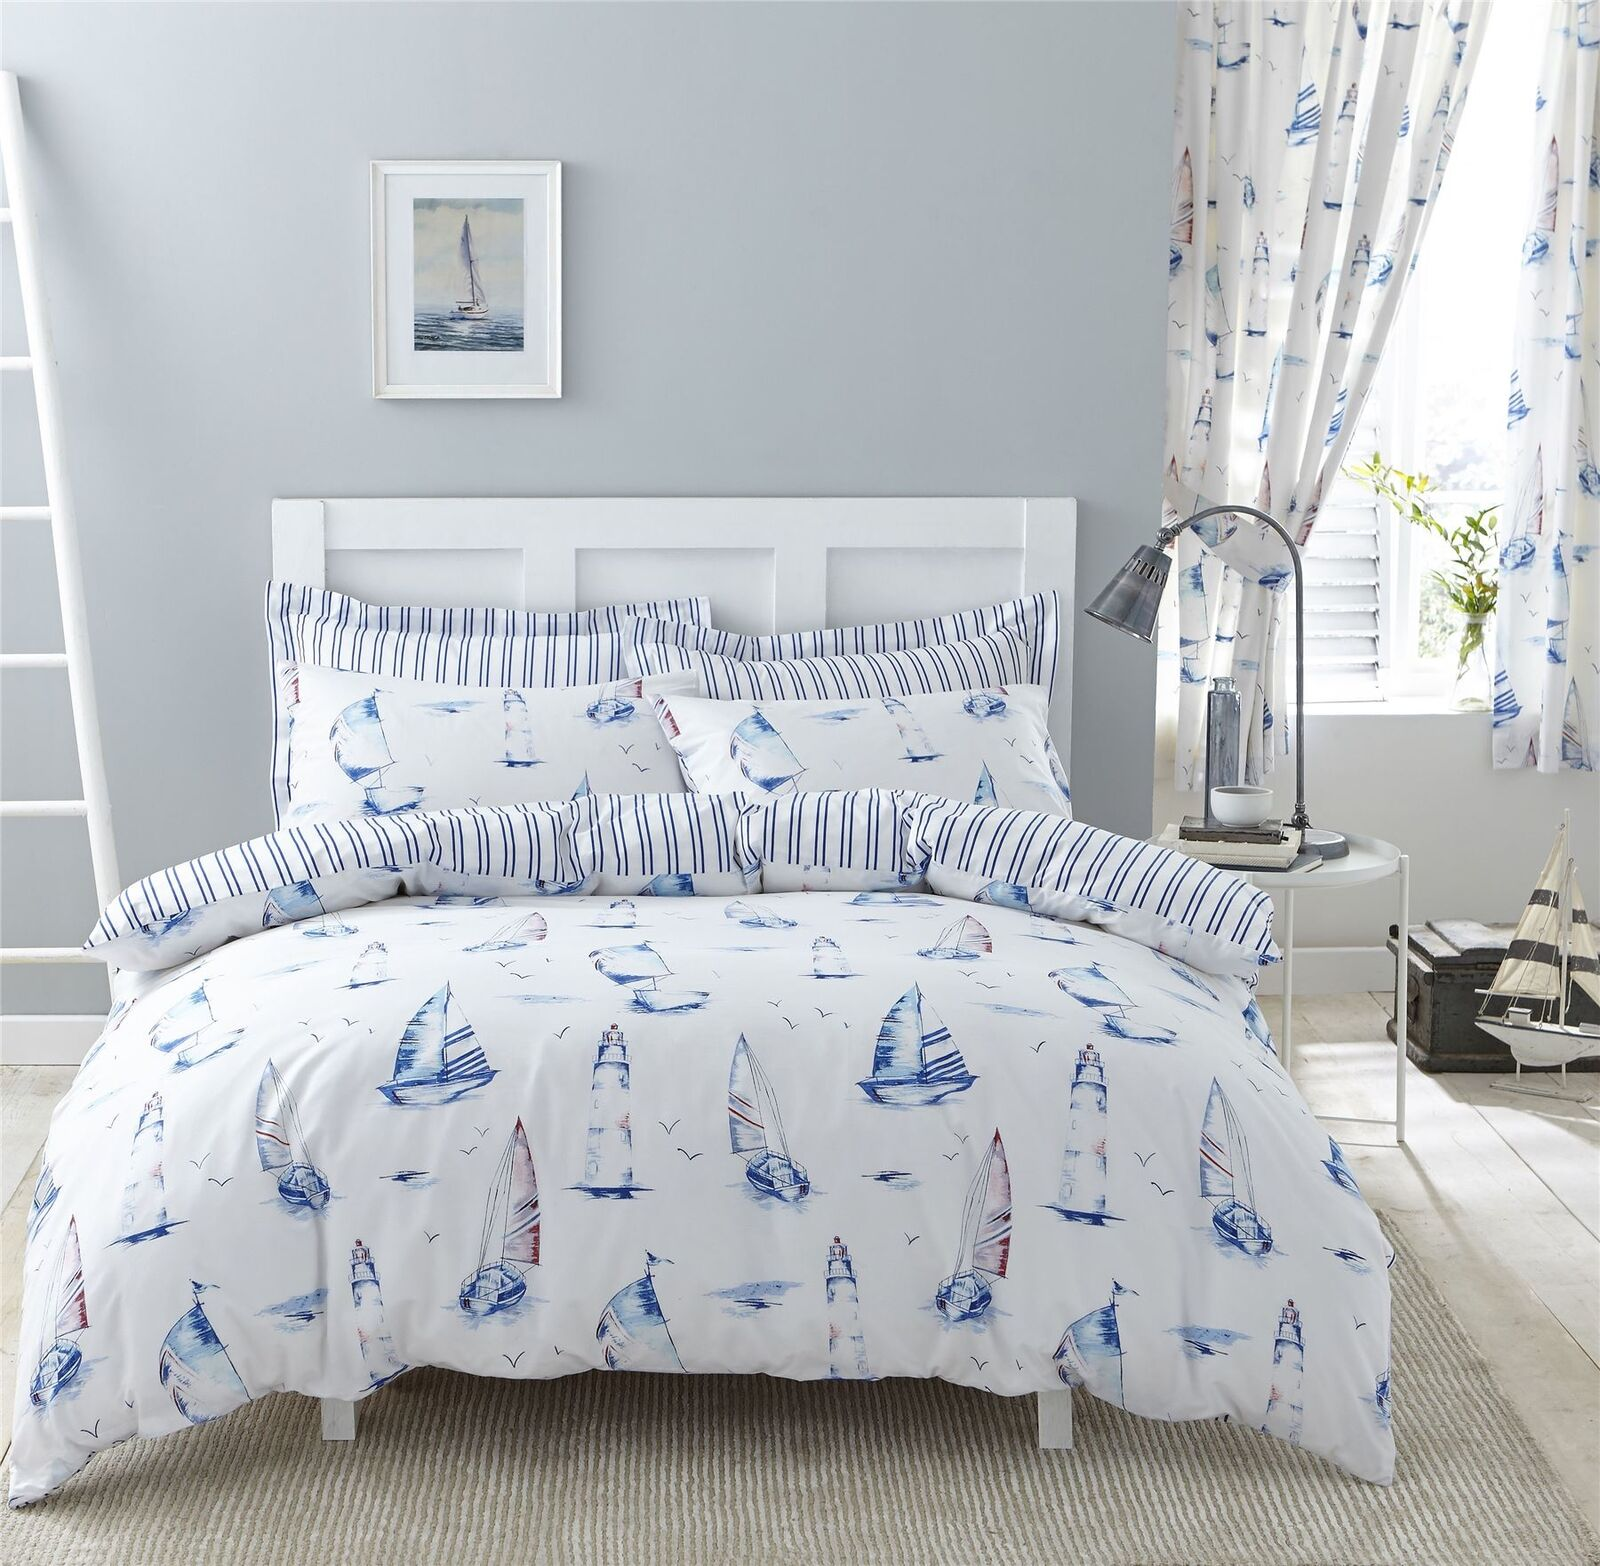 Nautisch Stiefele Streifen Blau KingGröße-Bettbezug & Plissee-Vorhänge